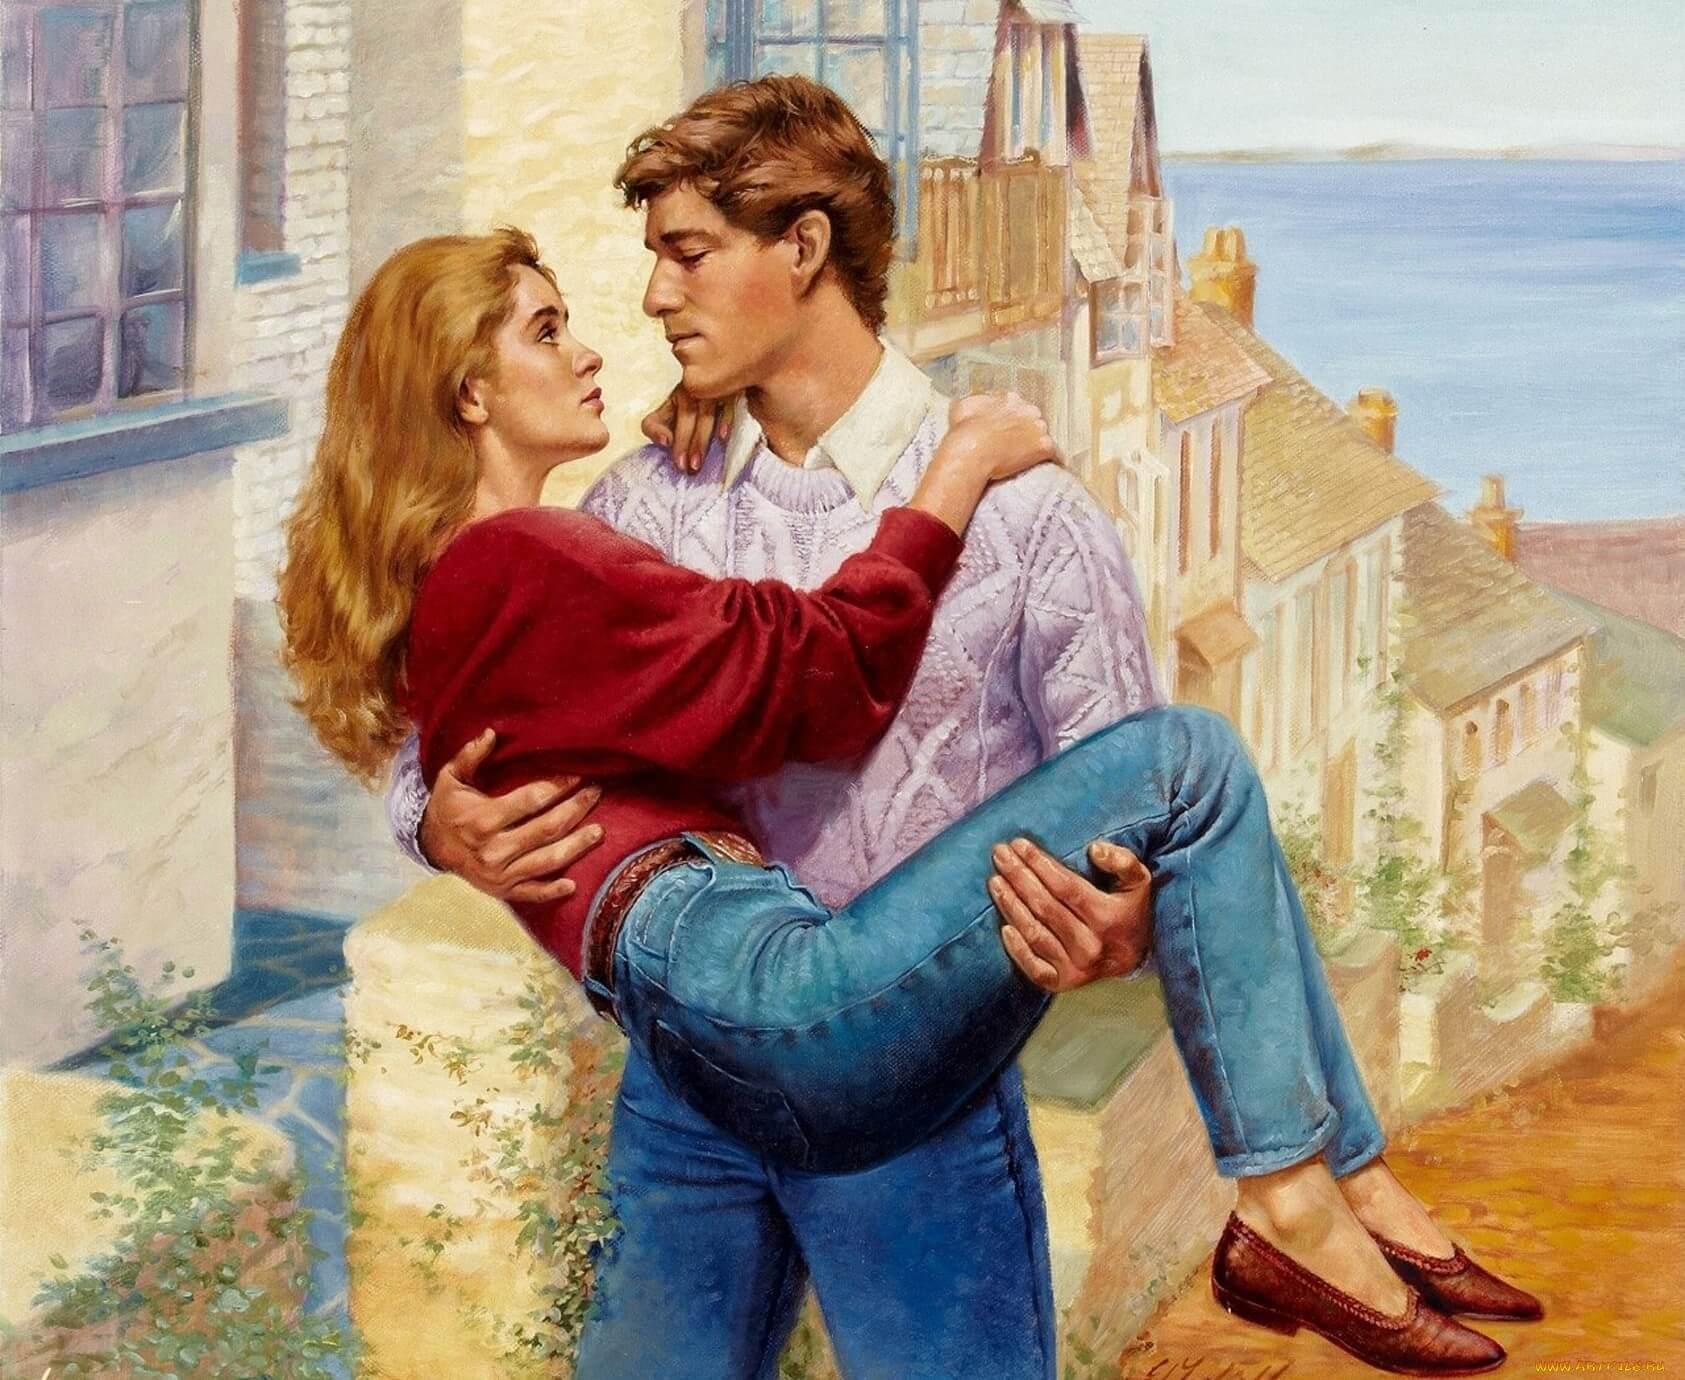 Парень держит девушку на руках - красивые 23 картинок 2